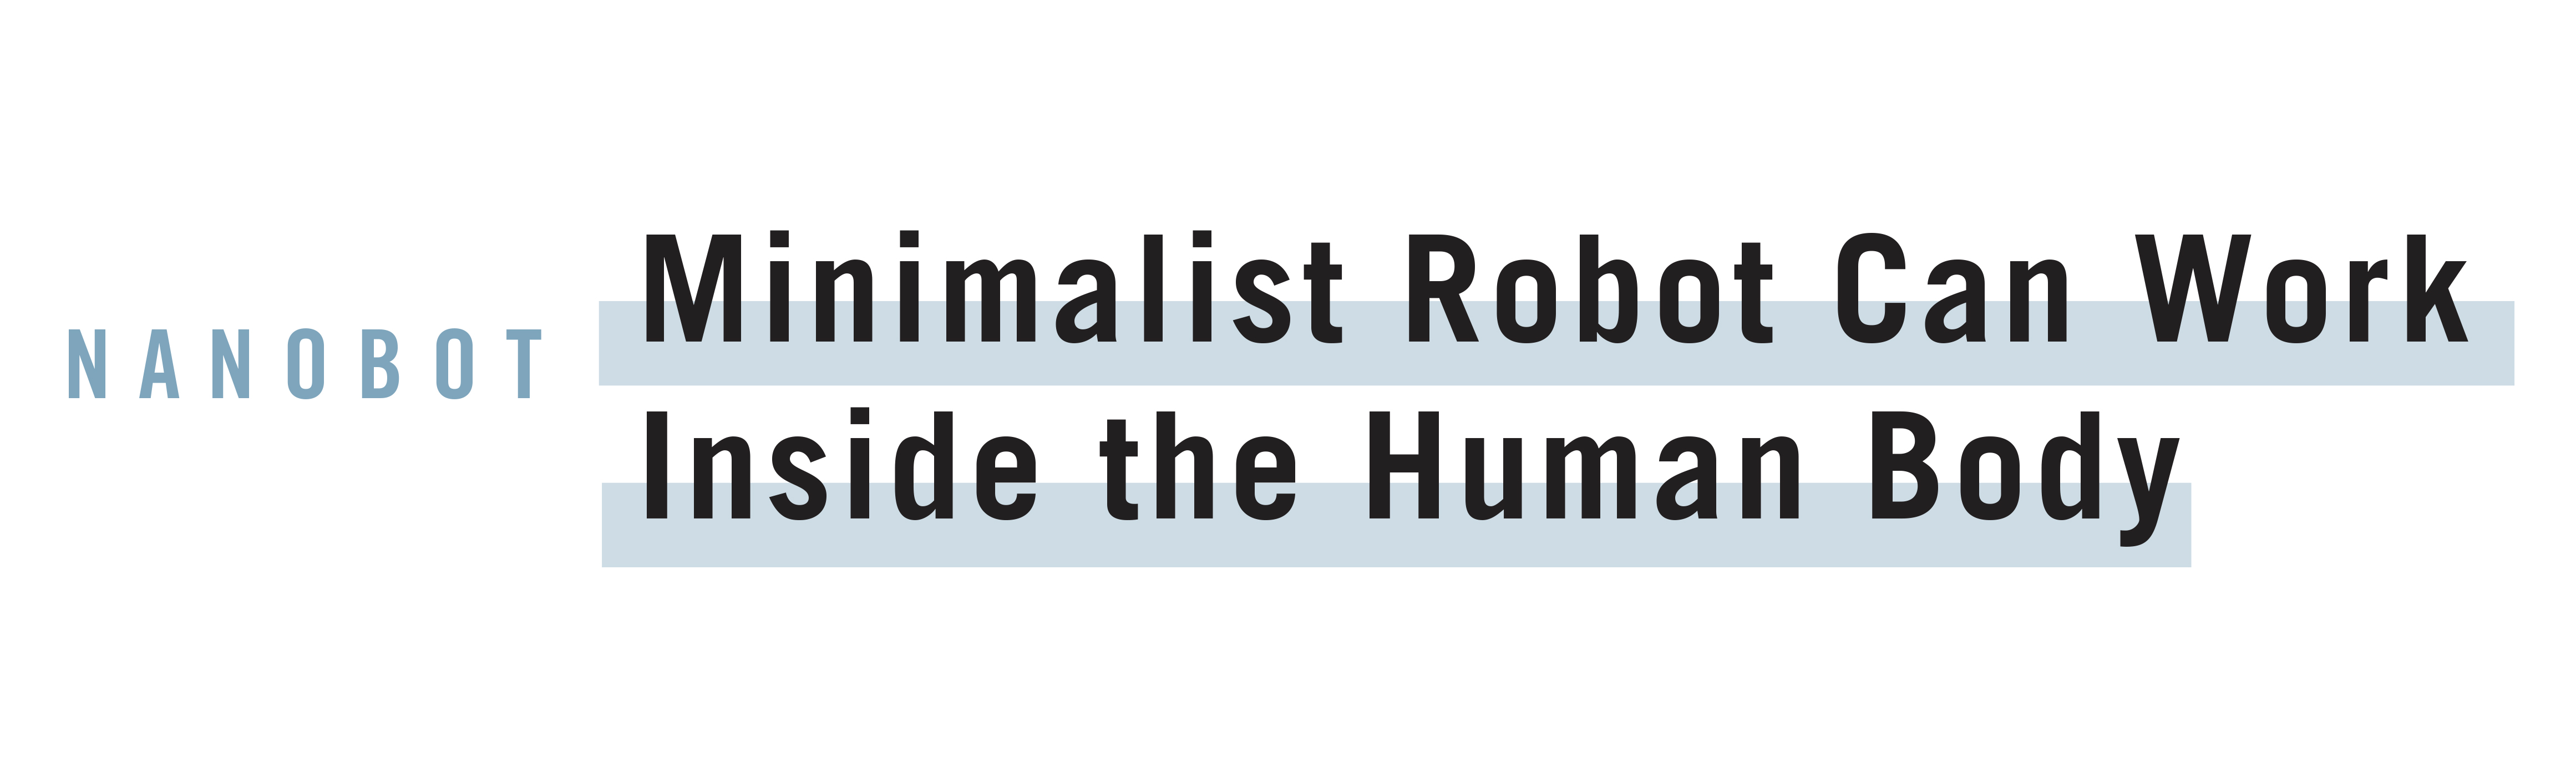 Minimalist Robot